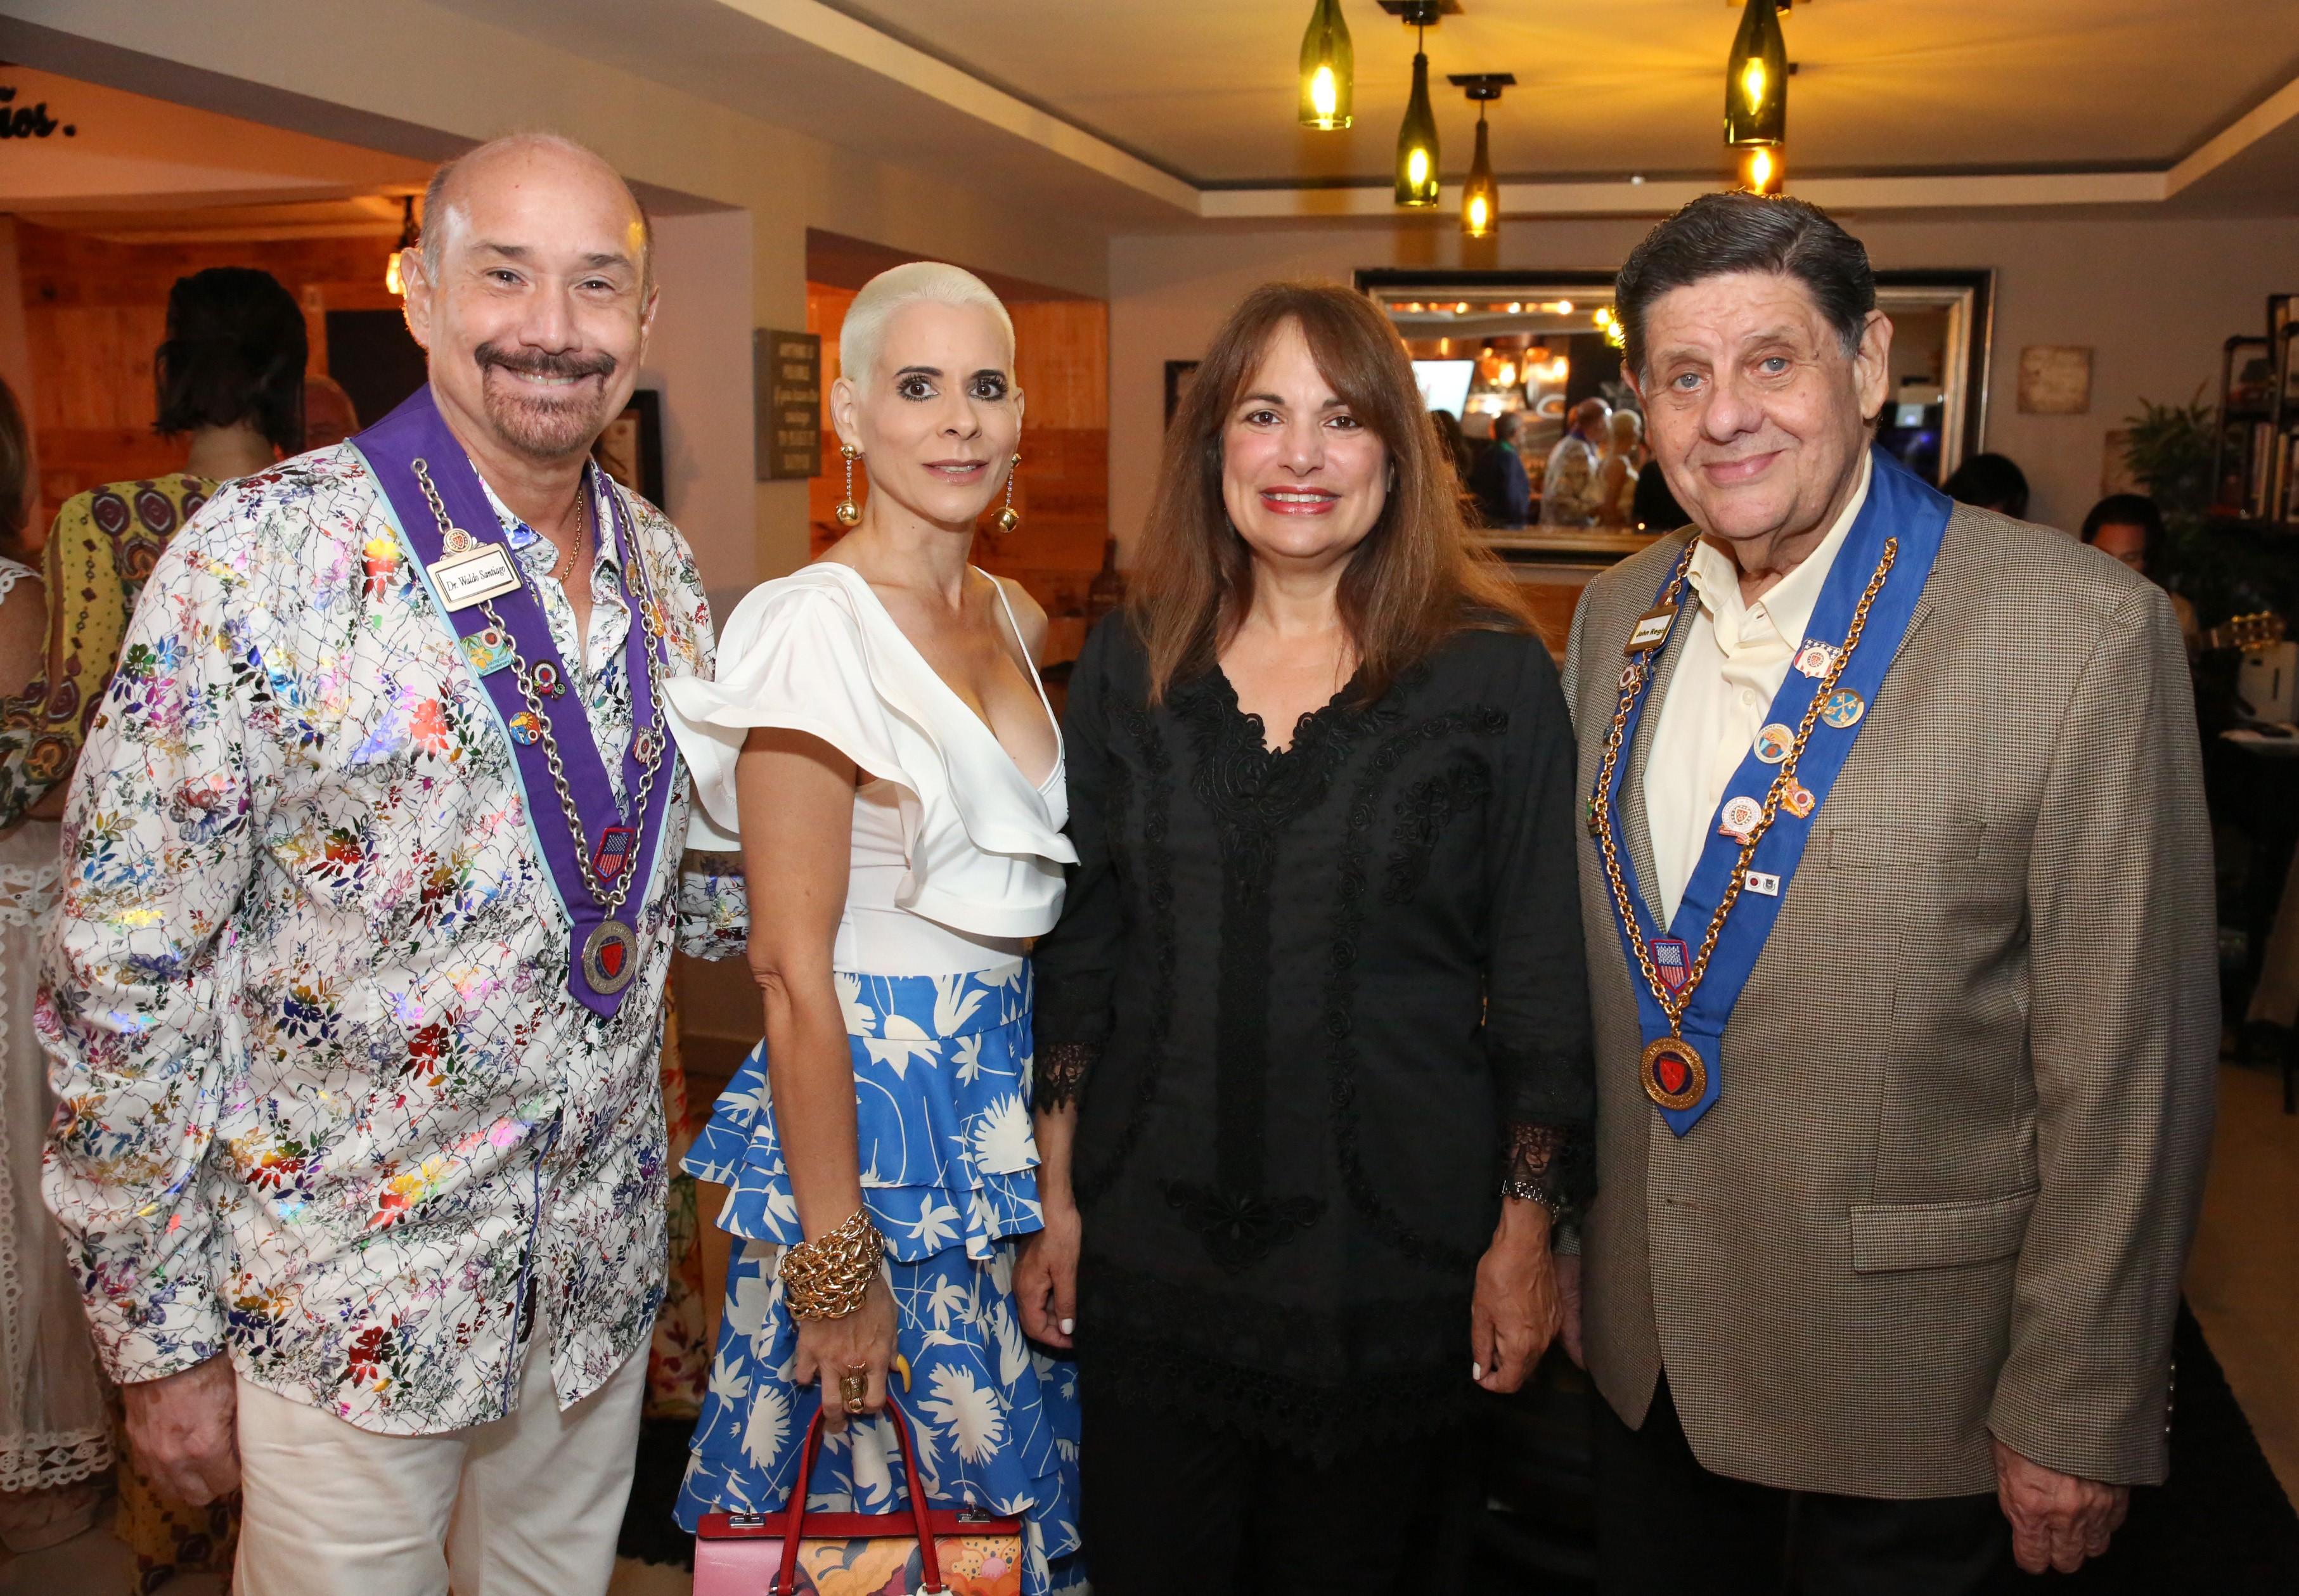 Waldo Santiago, Mirely Colberg, Michelle Lavergne y John Regis. Foto suministrada.